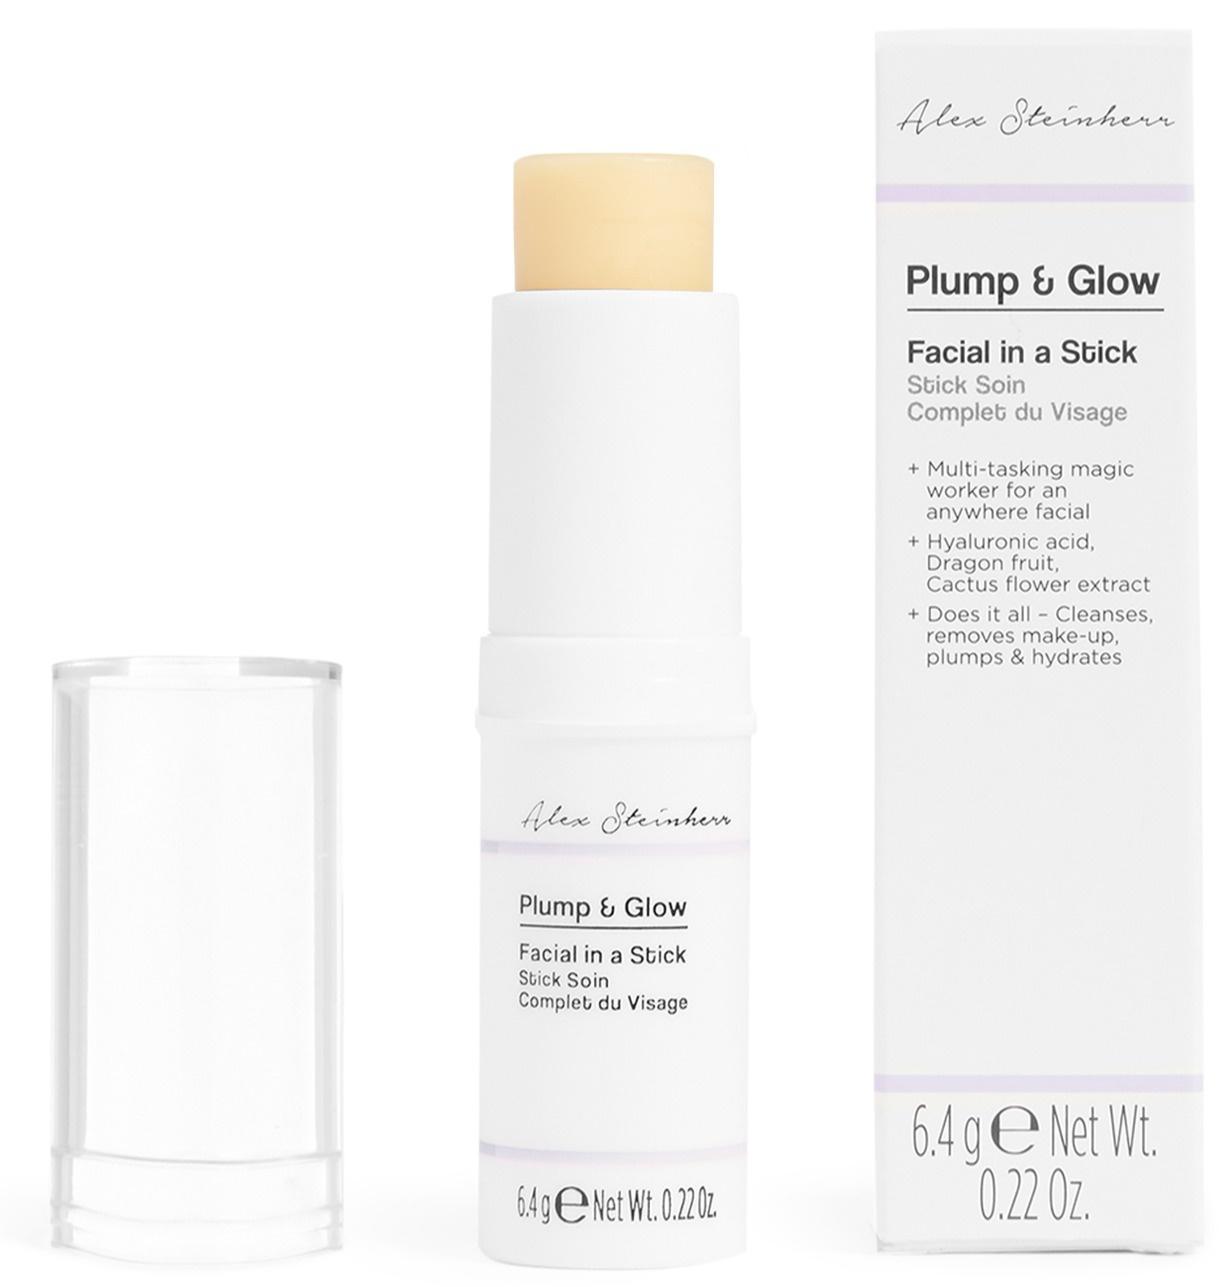 Primark - Alex Steinherr Plump & Glow facial in a stick